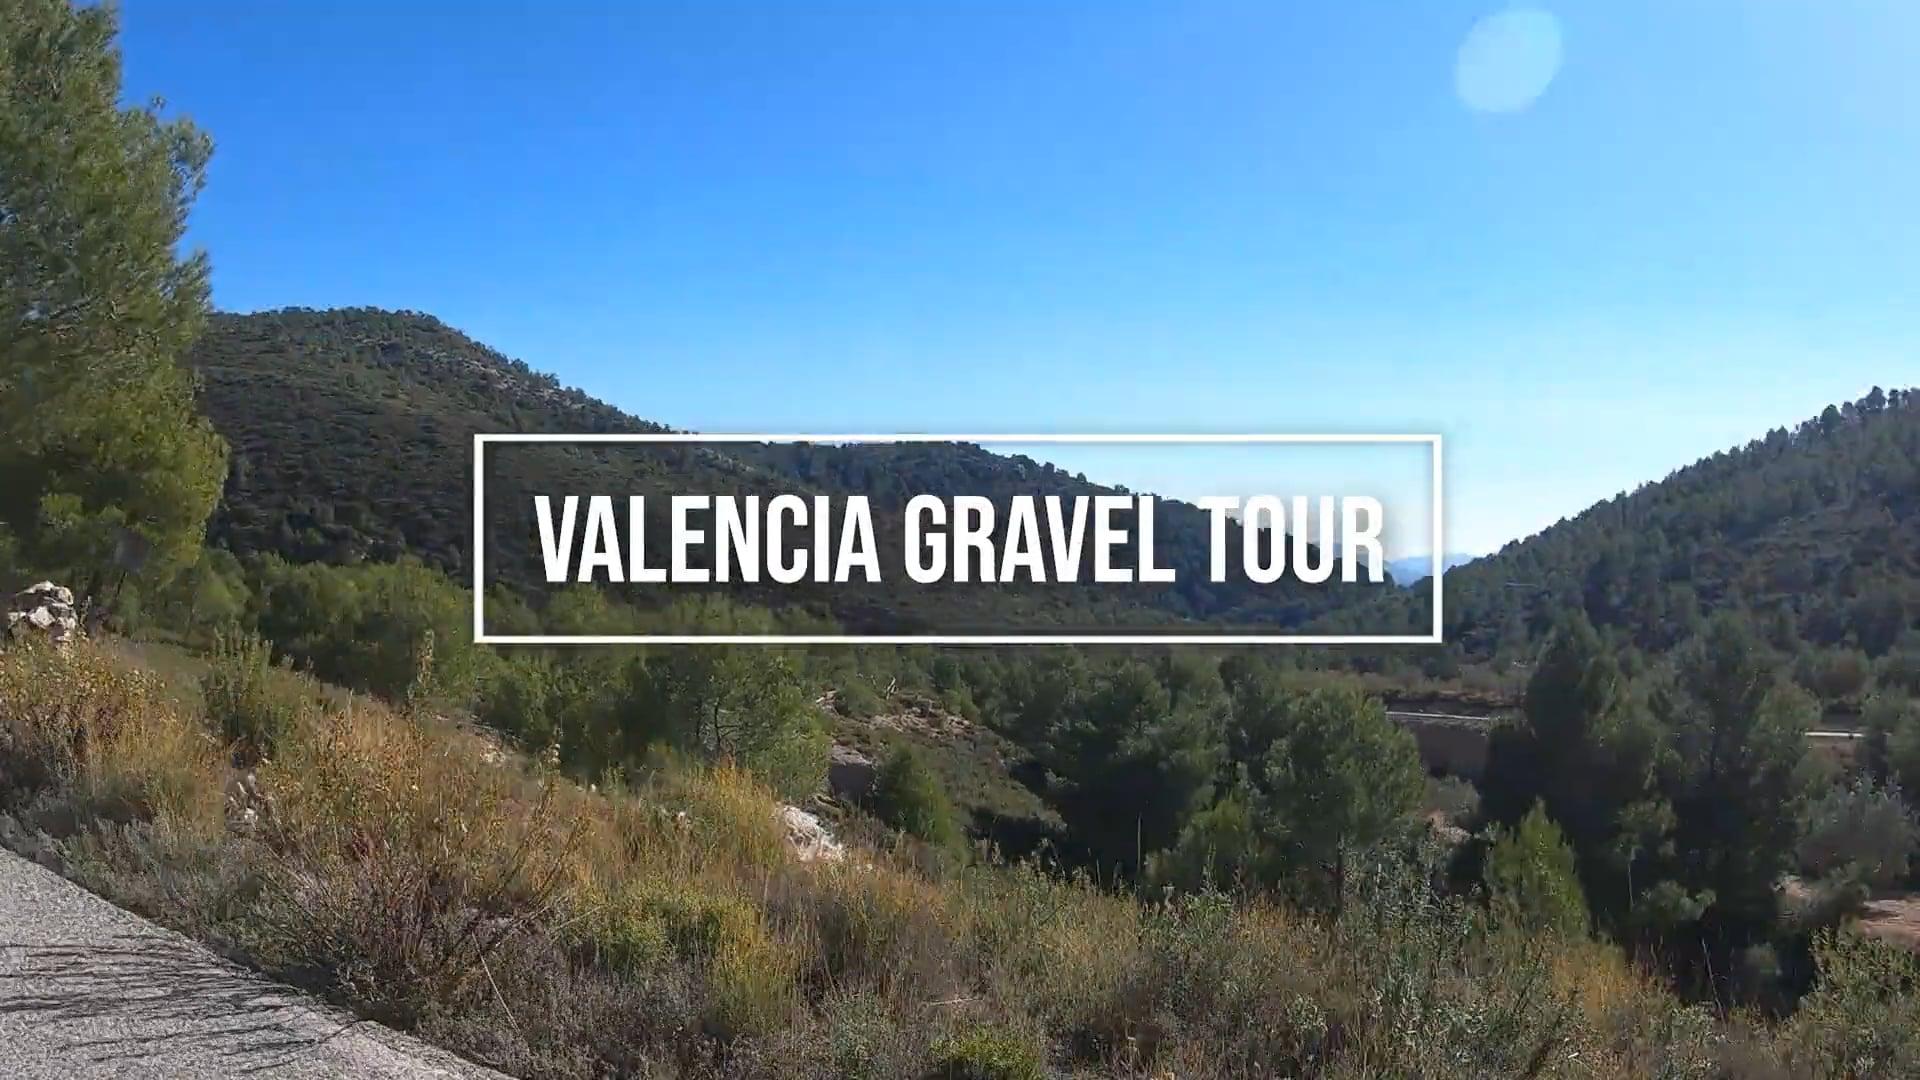 Valencia Gravel Tour